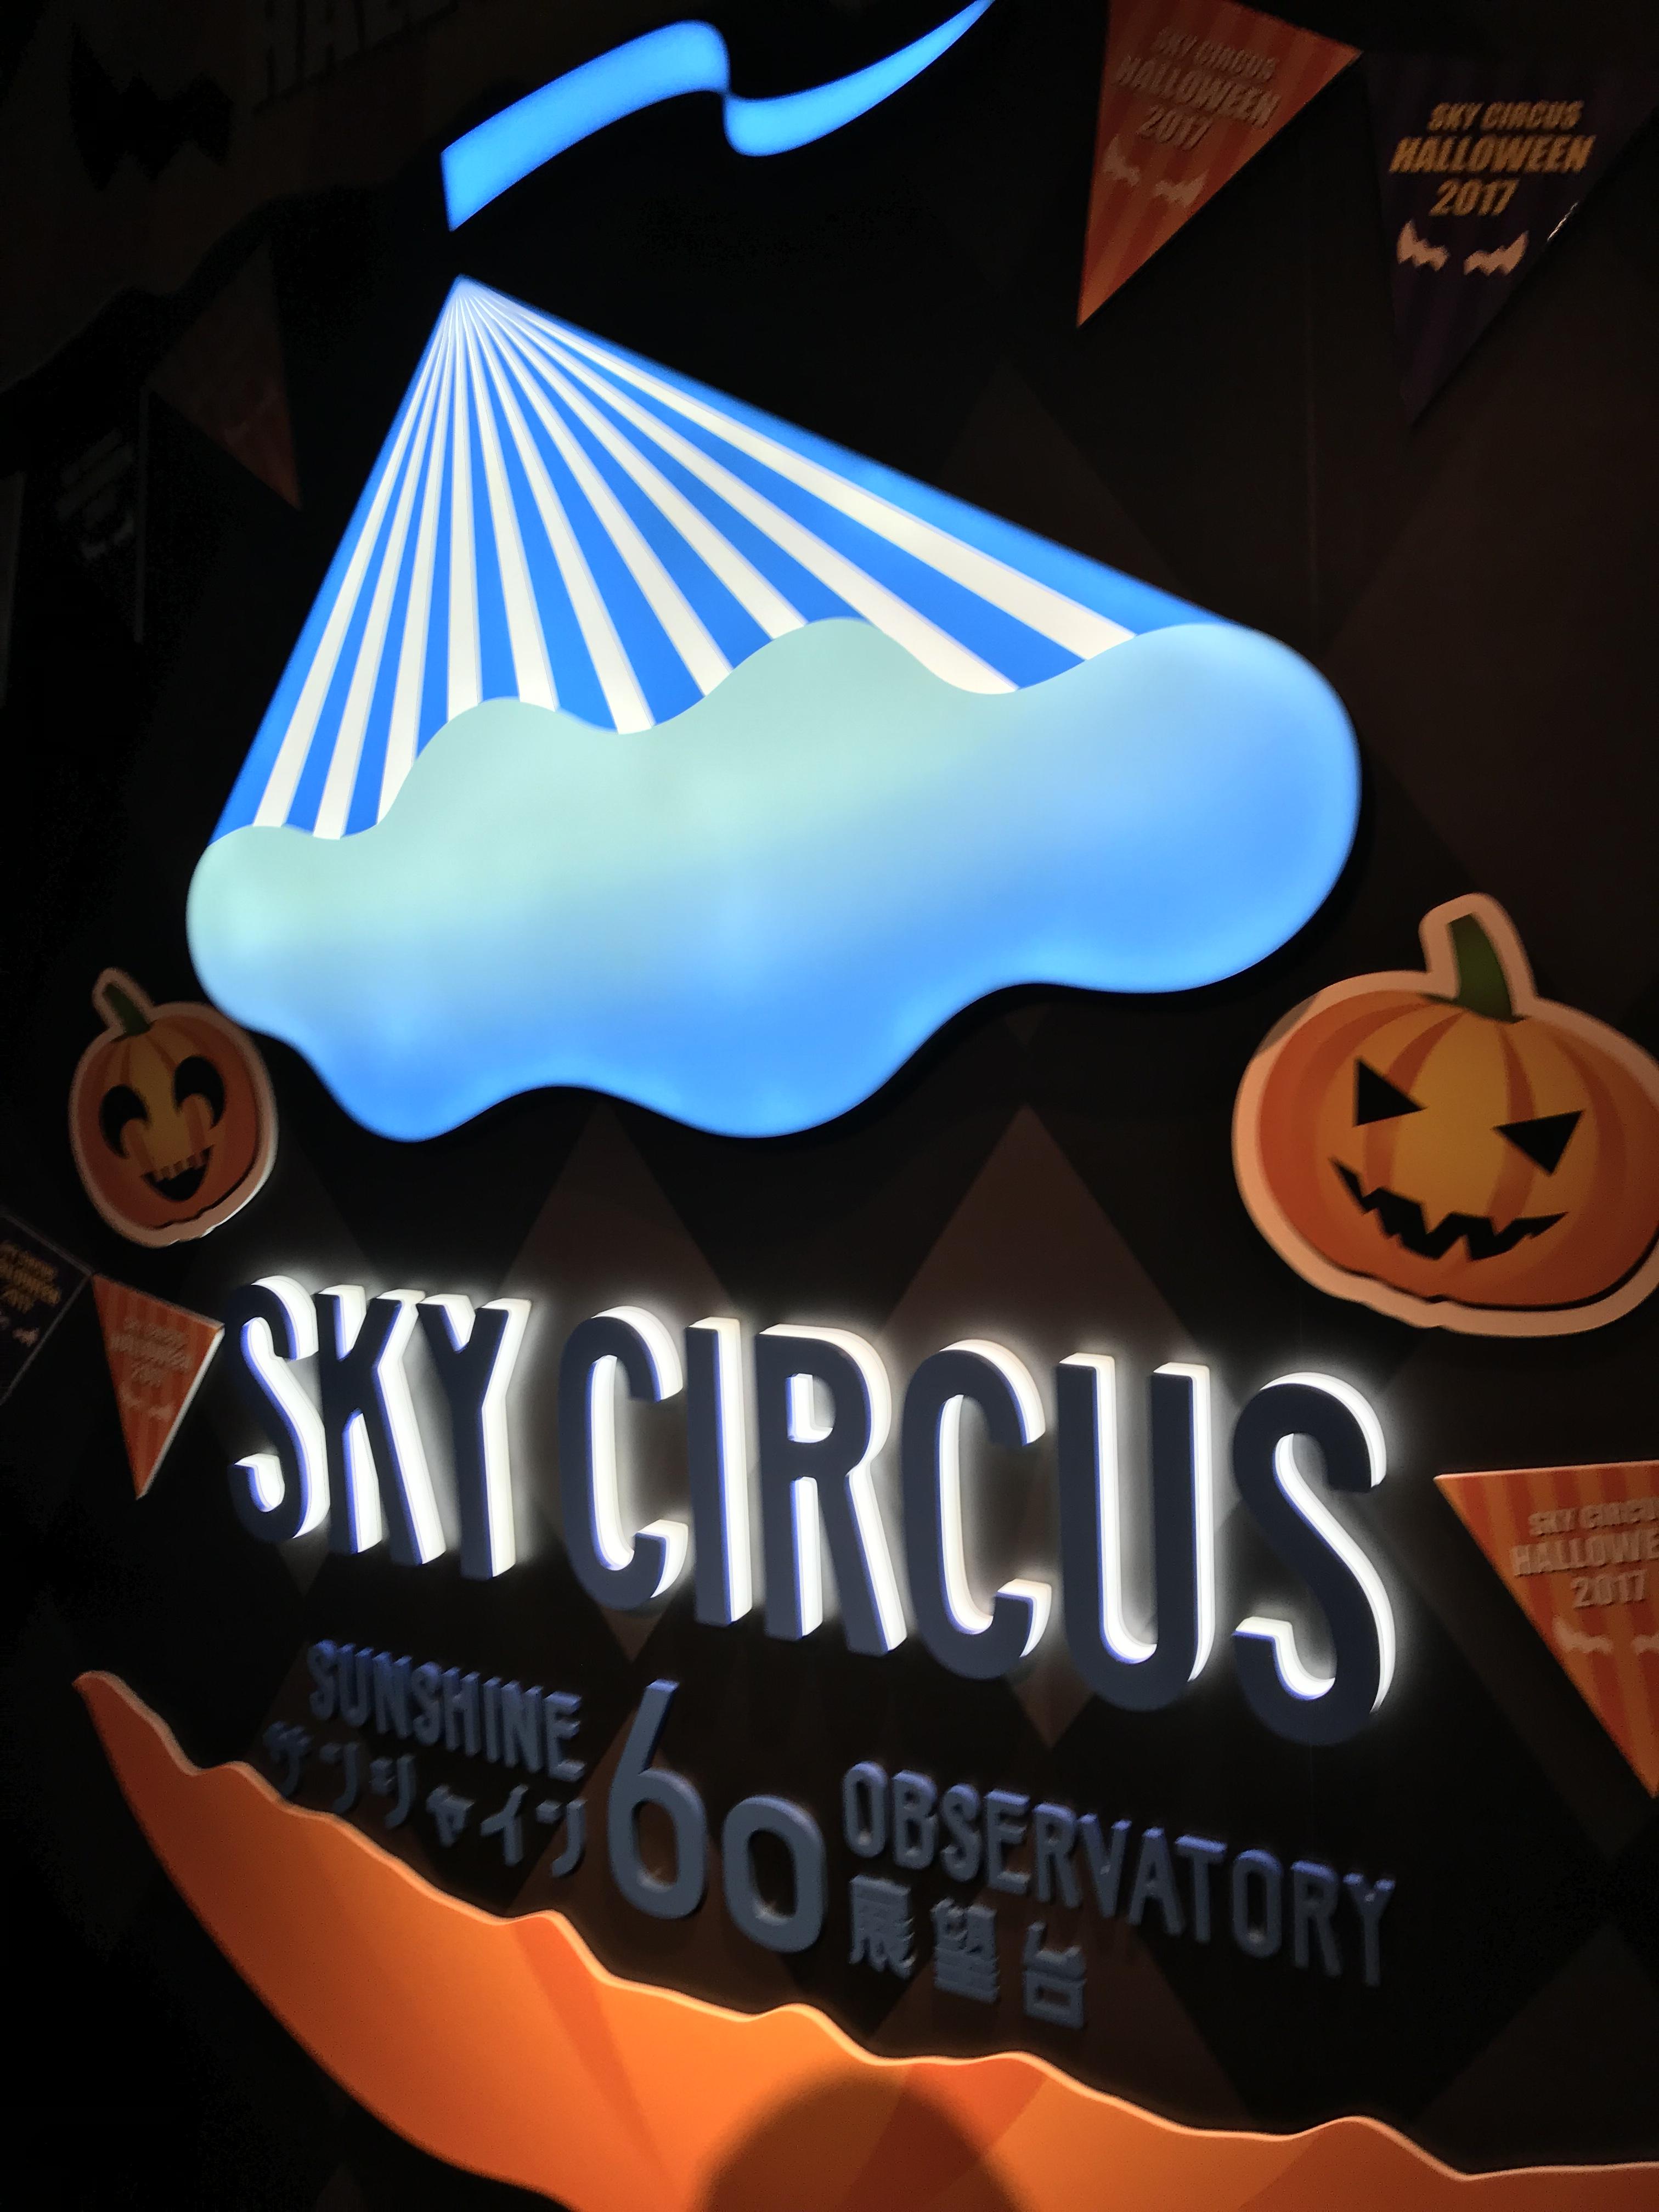 スカイサーカス/SKY CIRCUS/Silent Sky Fes -HOUSE Night-VR未経験ならまずは行くべき。感想、TOKYO弾丸フライト、所要時間は?静かなクラブが楽しめる?@池袋サンシャイン60